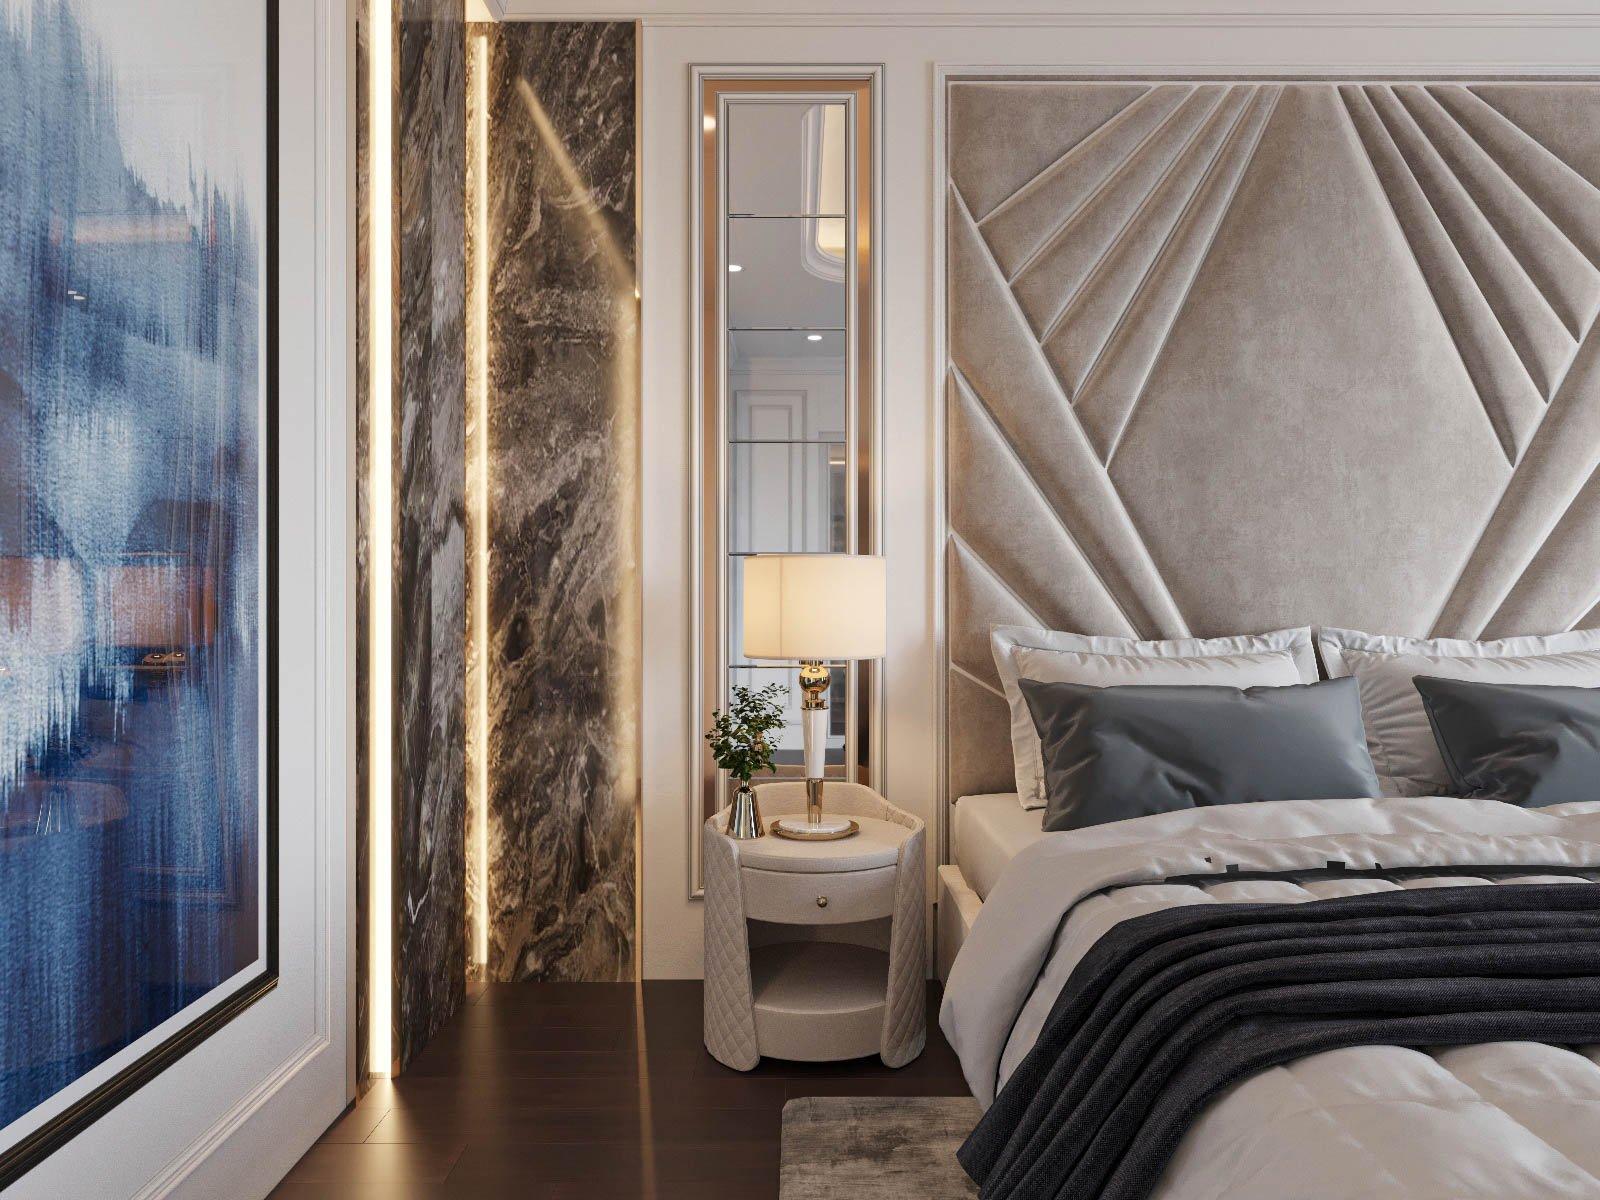 Phòng ngủ được trang bị đầy đủ tiện ích hiện đại với gương chữ nhật dài gắn dọc tường, đèn bàn, tủ ngăn kéo bo tròn mềm mại bài trí đối xứng hai bên.